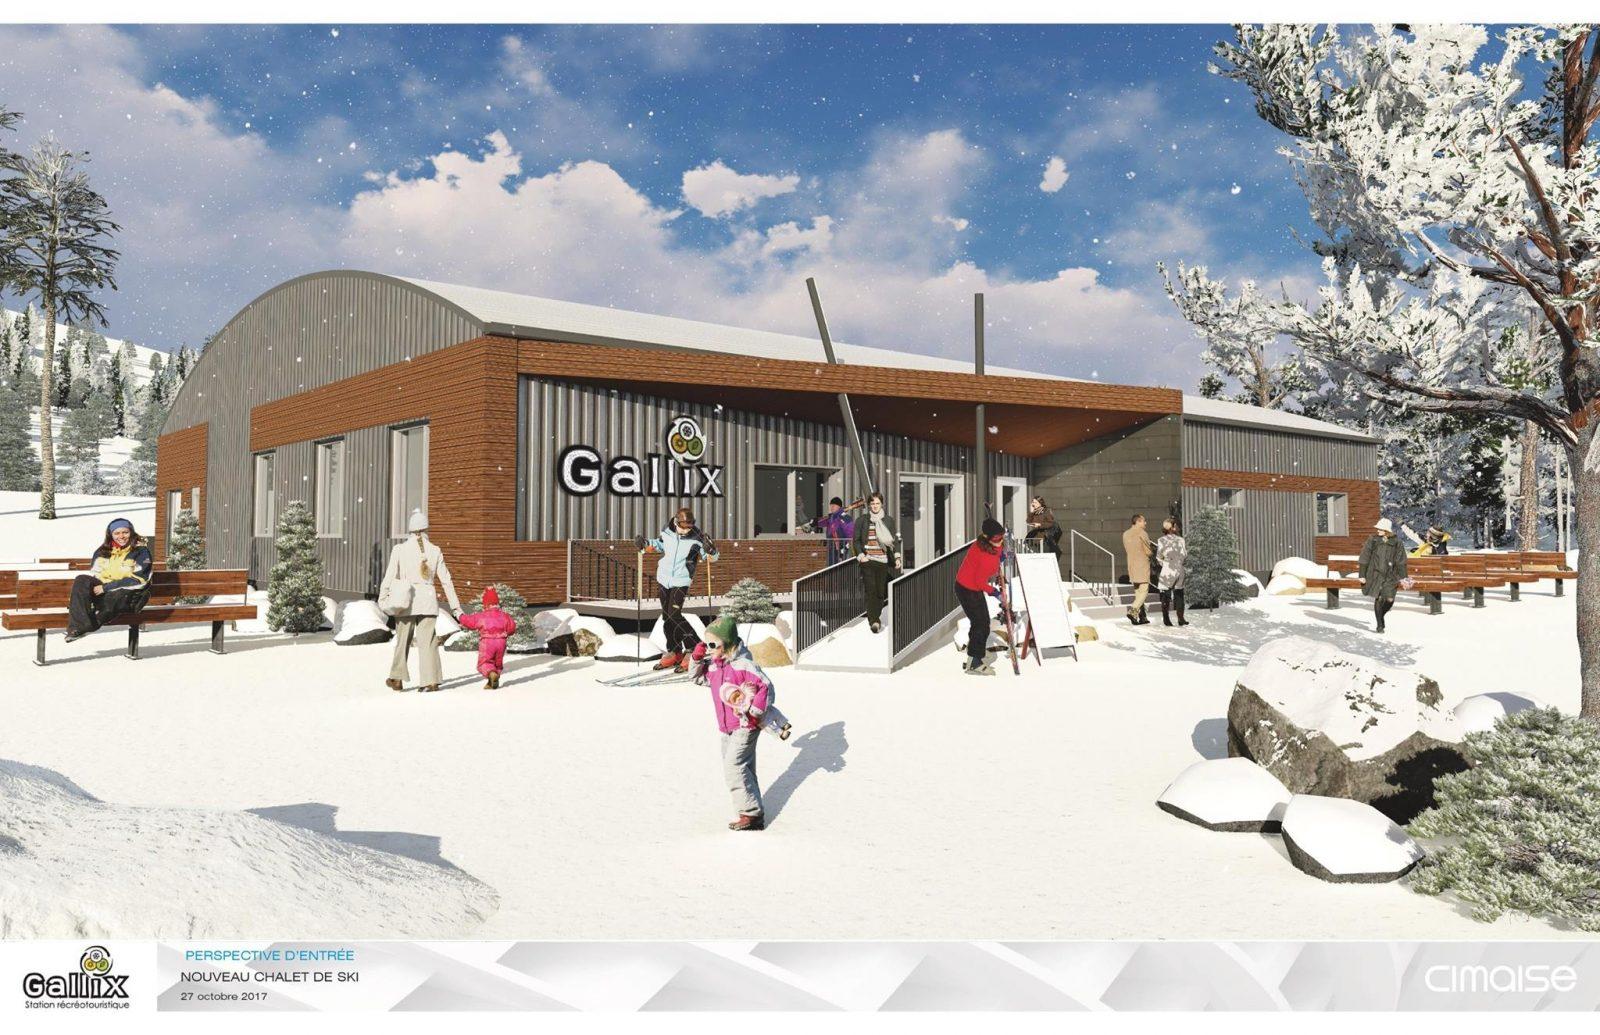 La neige s'installe à la Station Gallix